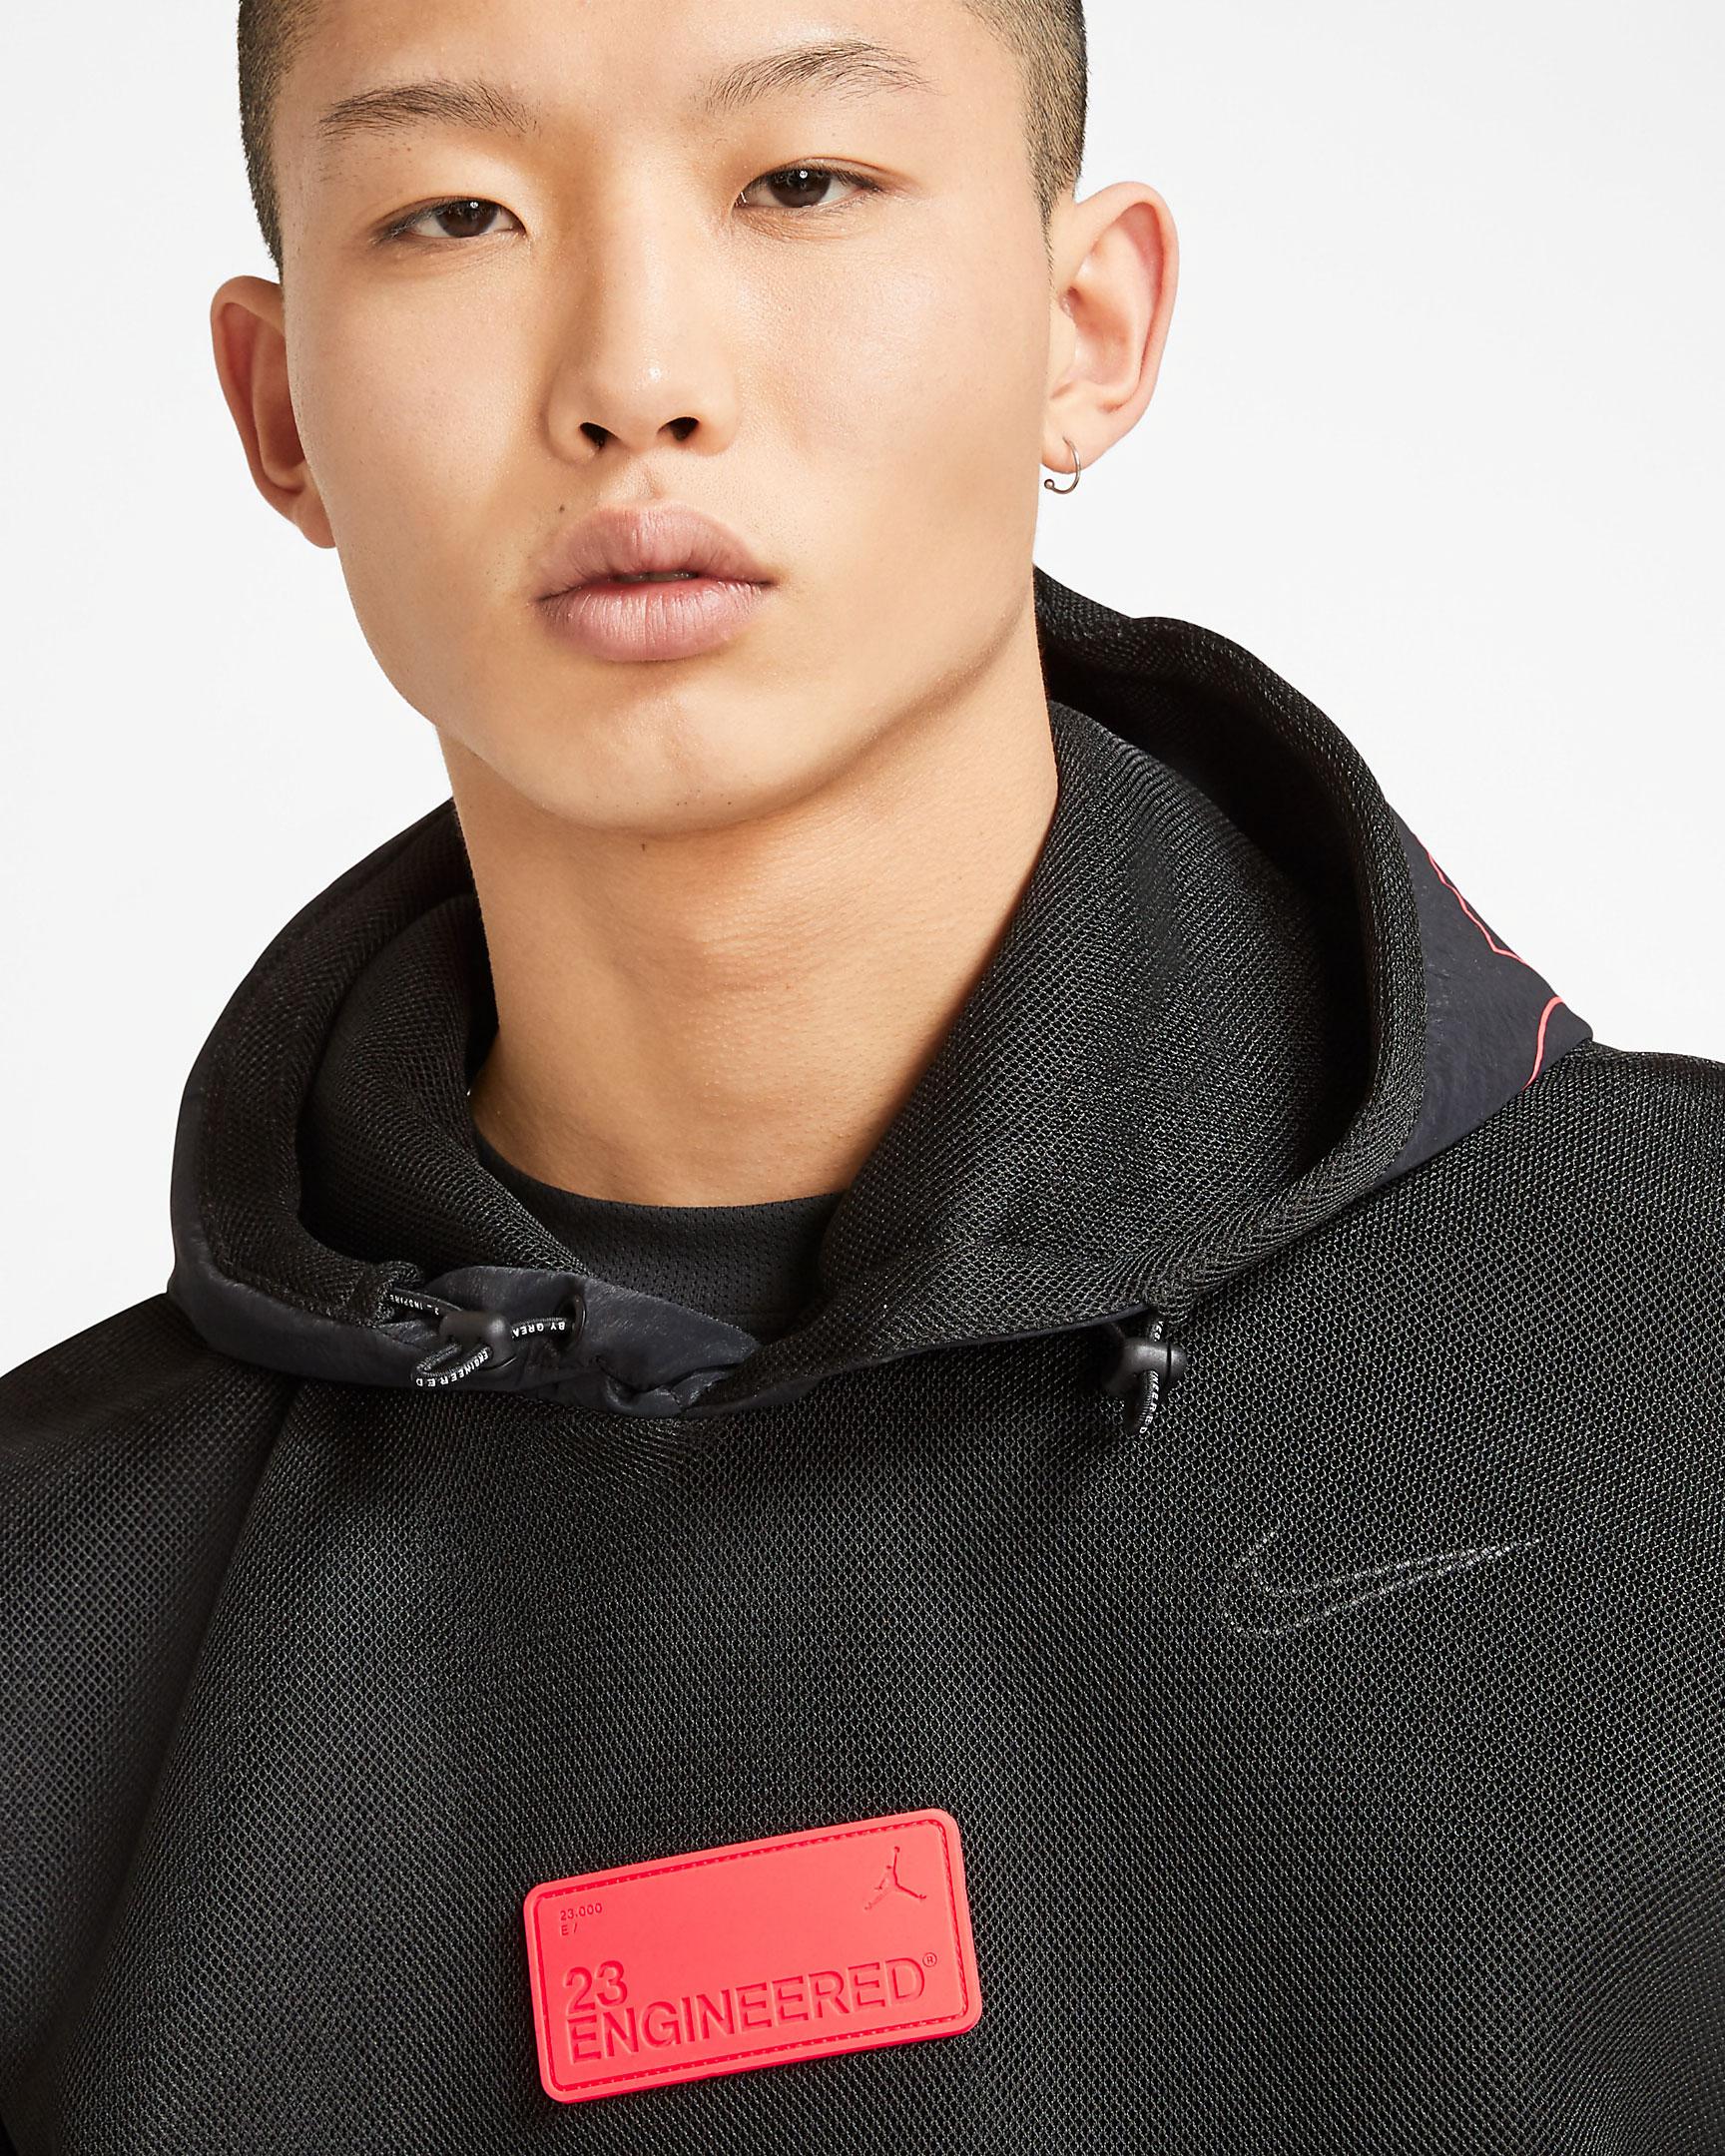 jordan-23-engineered-hoodie-black-red-2